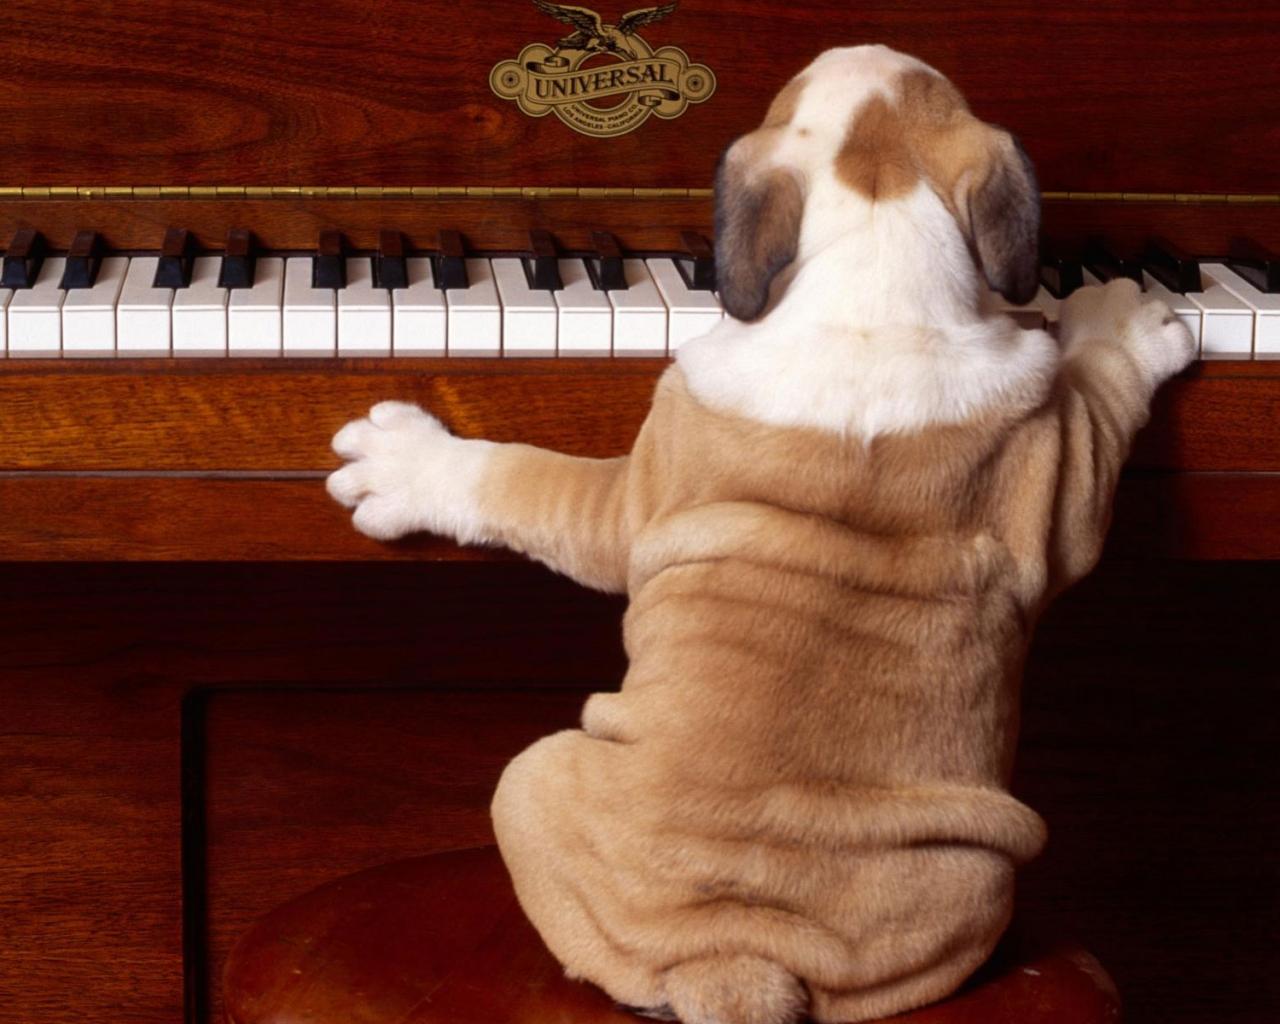 Perro tocando piano - 1280x1024